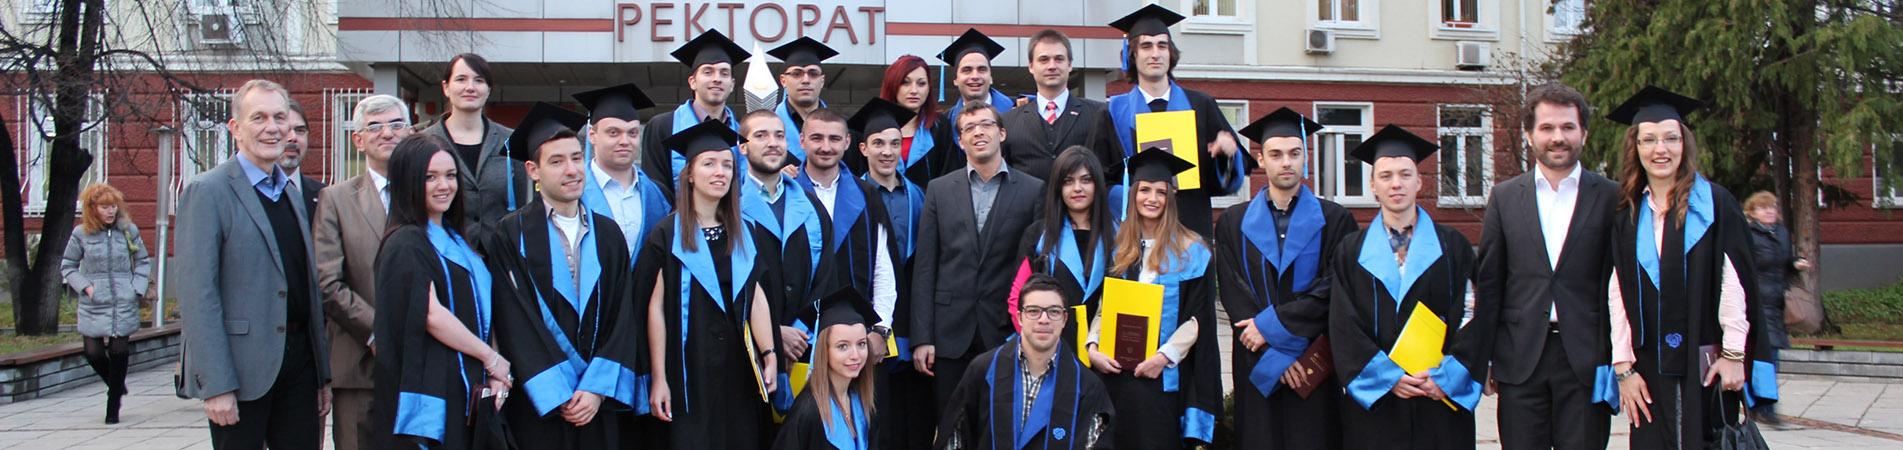 Diplomirane_3